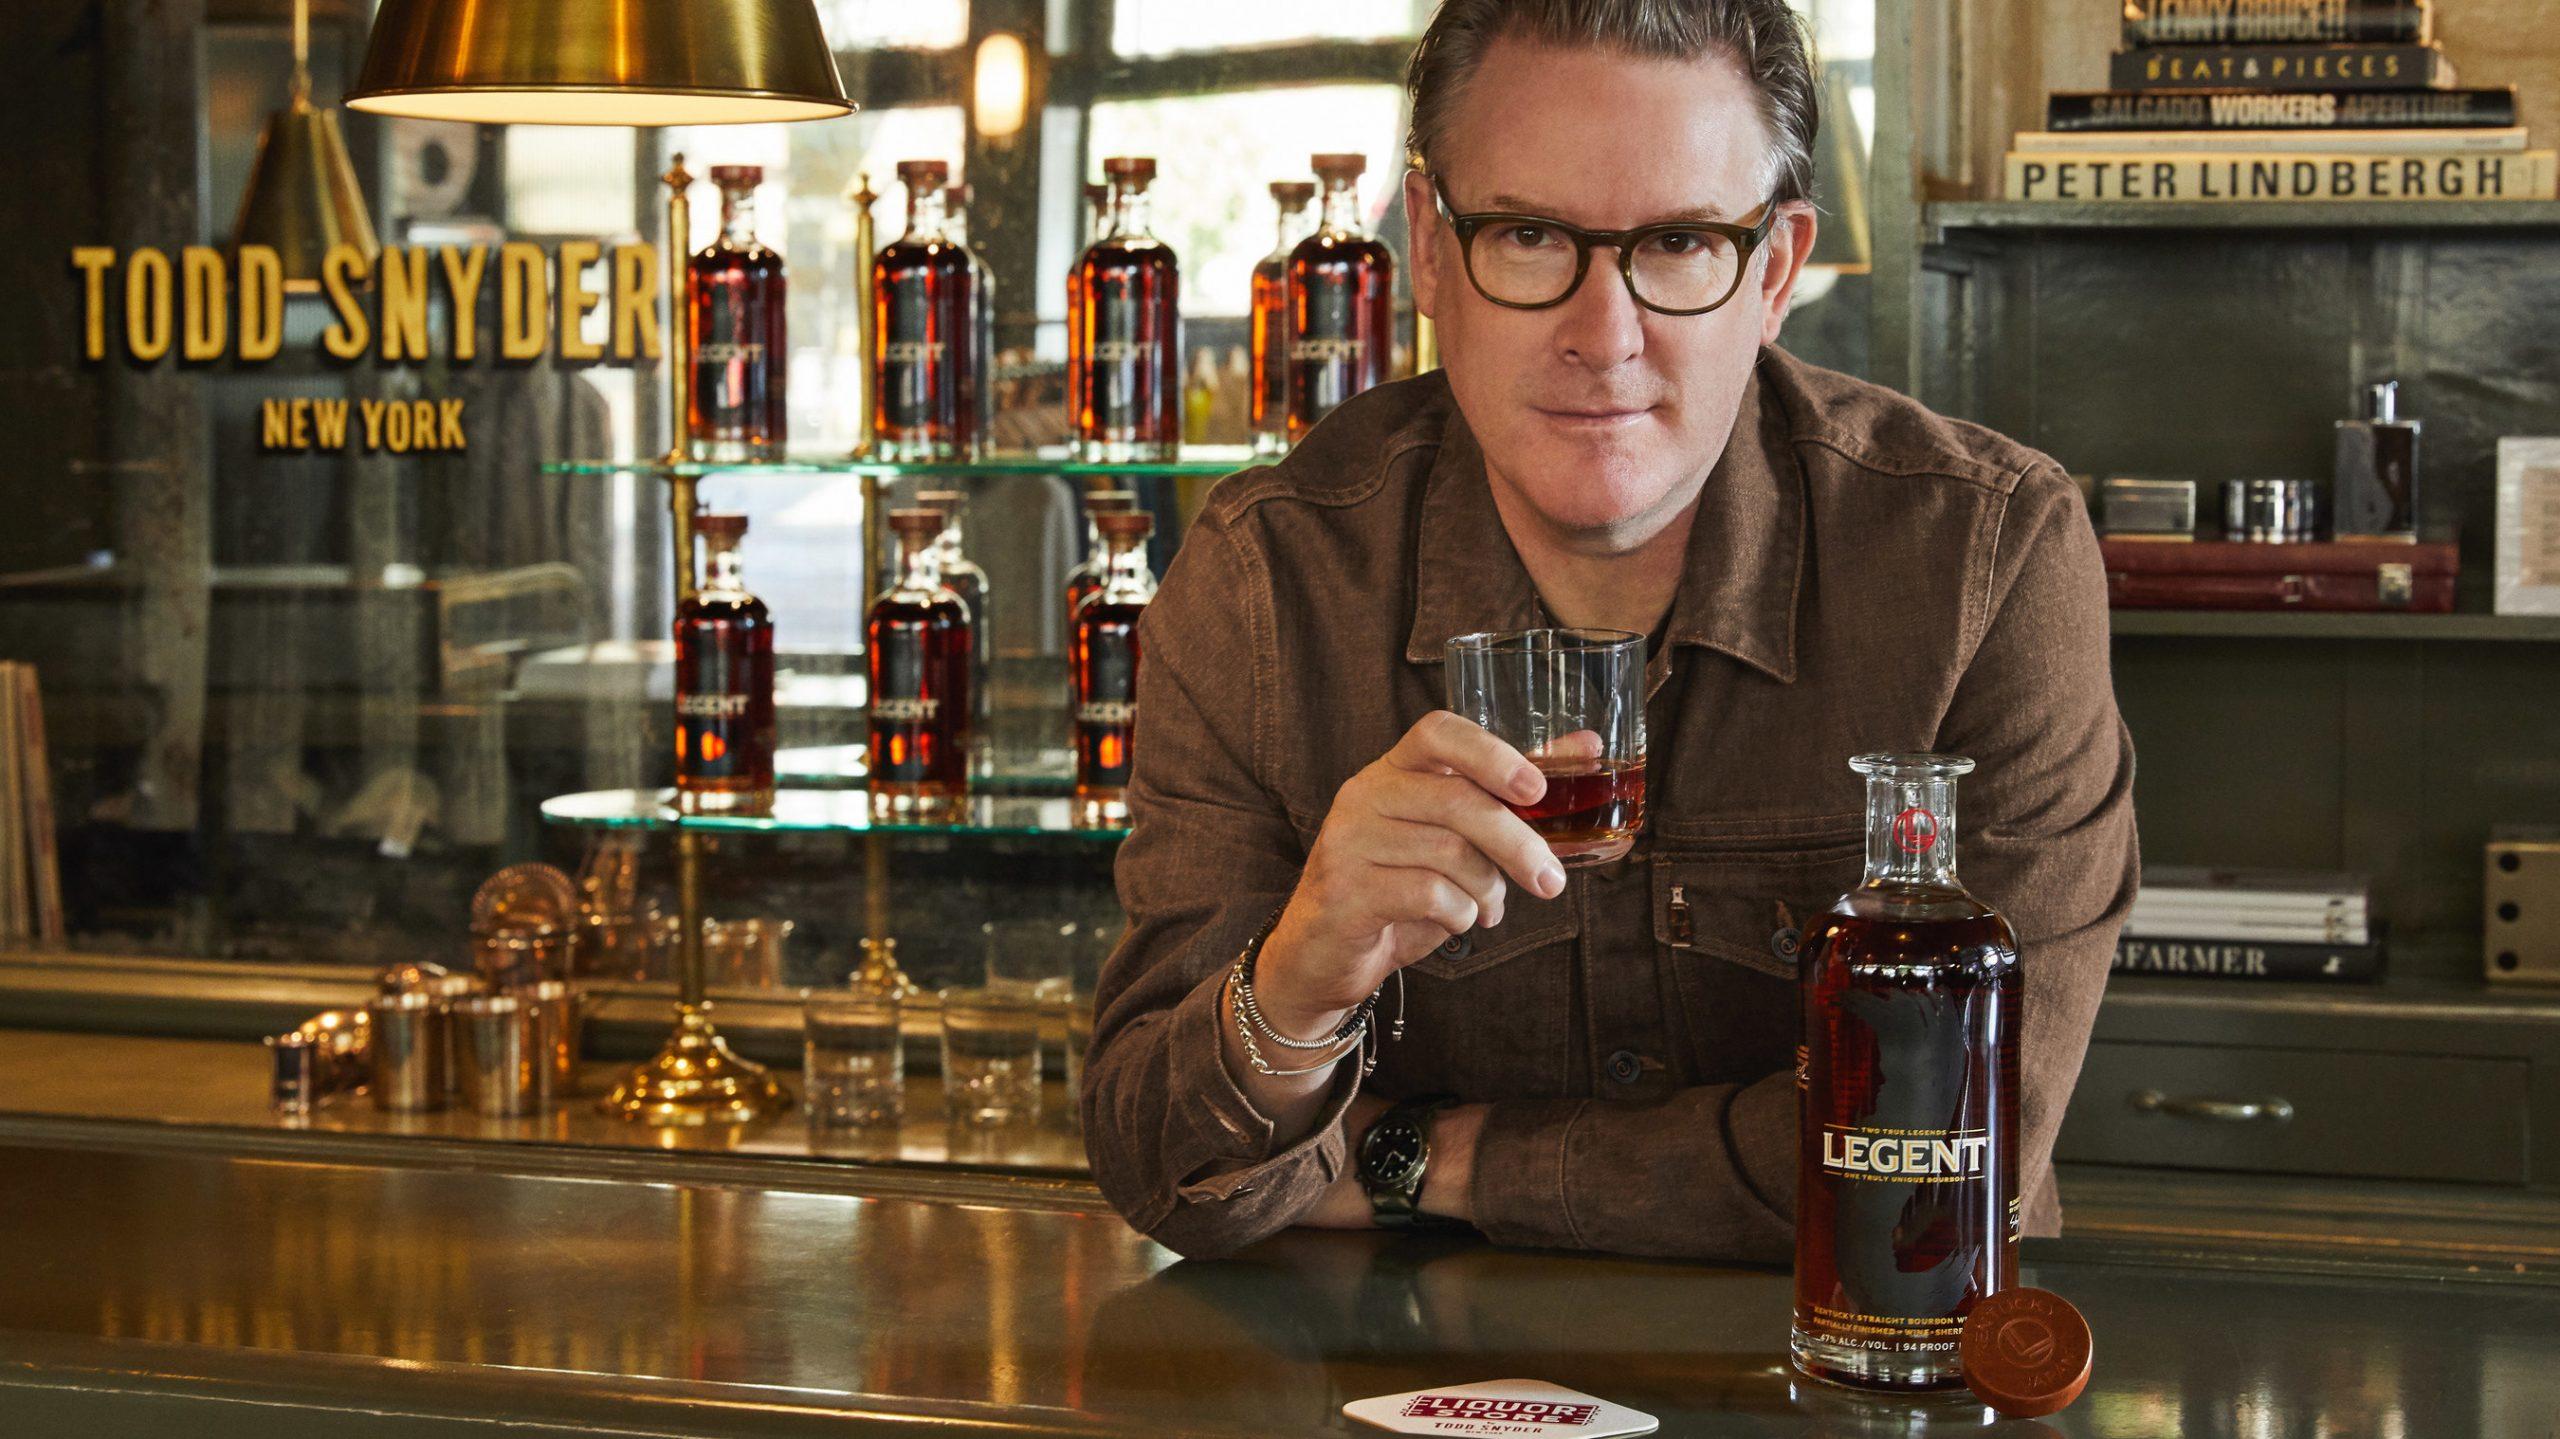 Todd Snyder Legent Bourbon